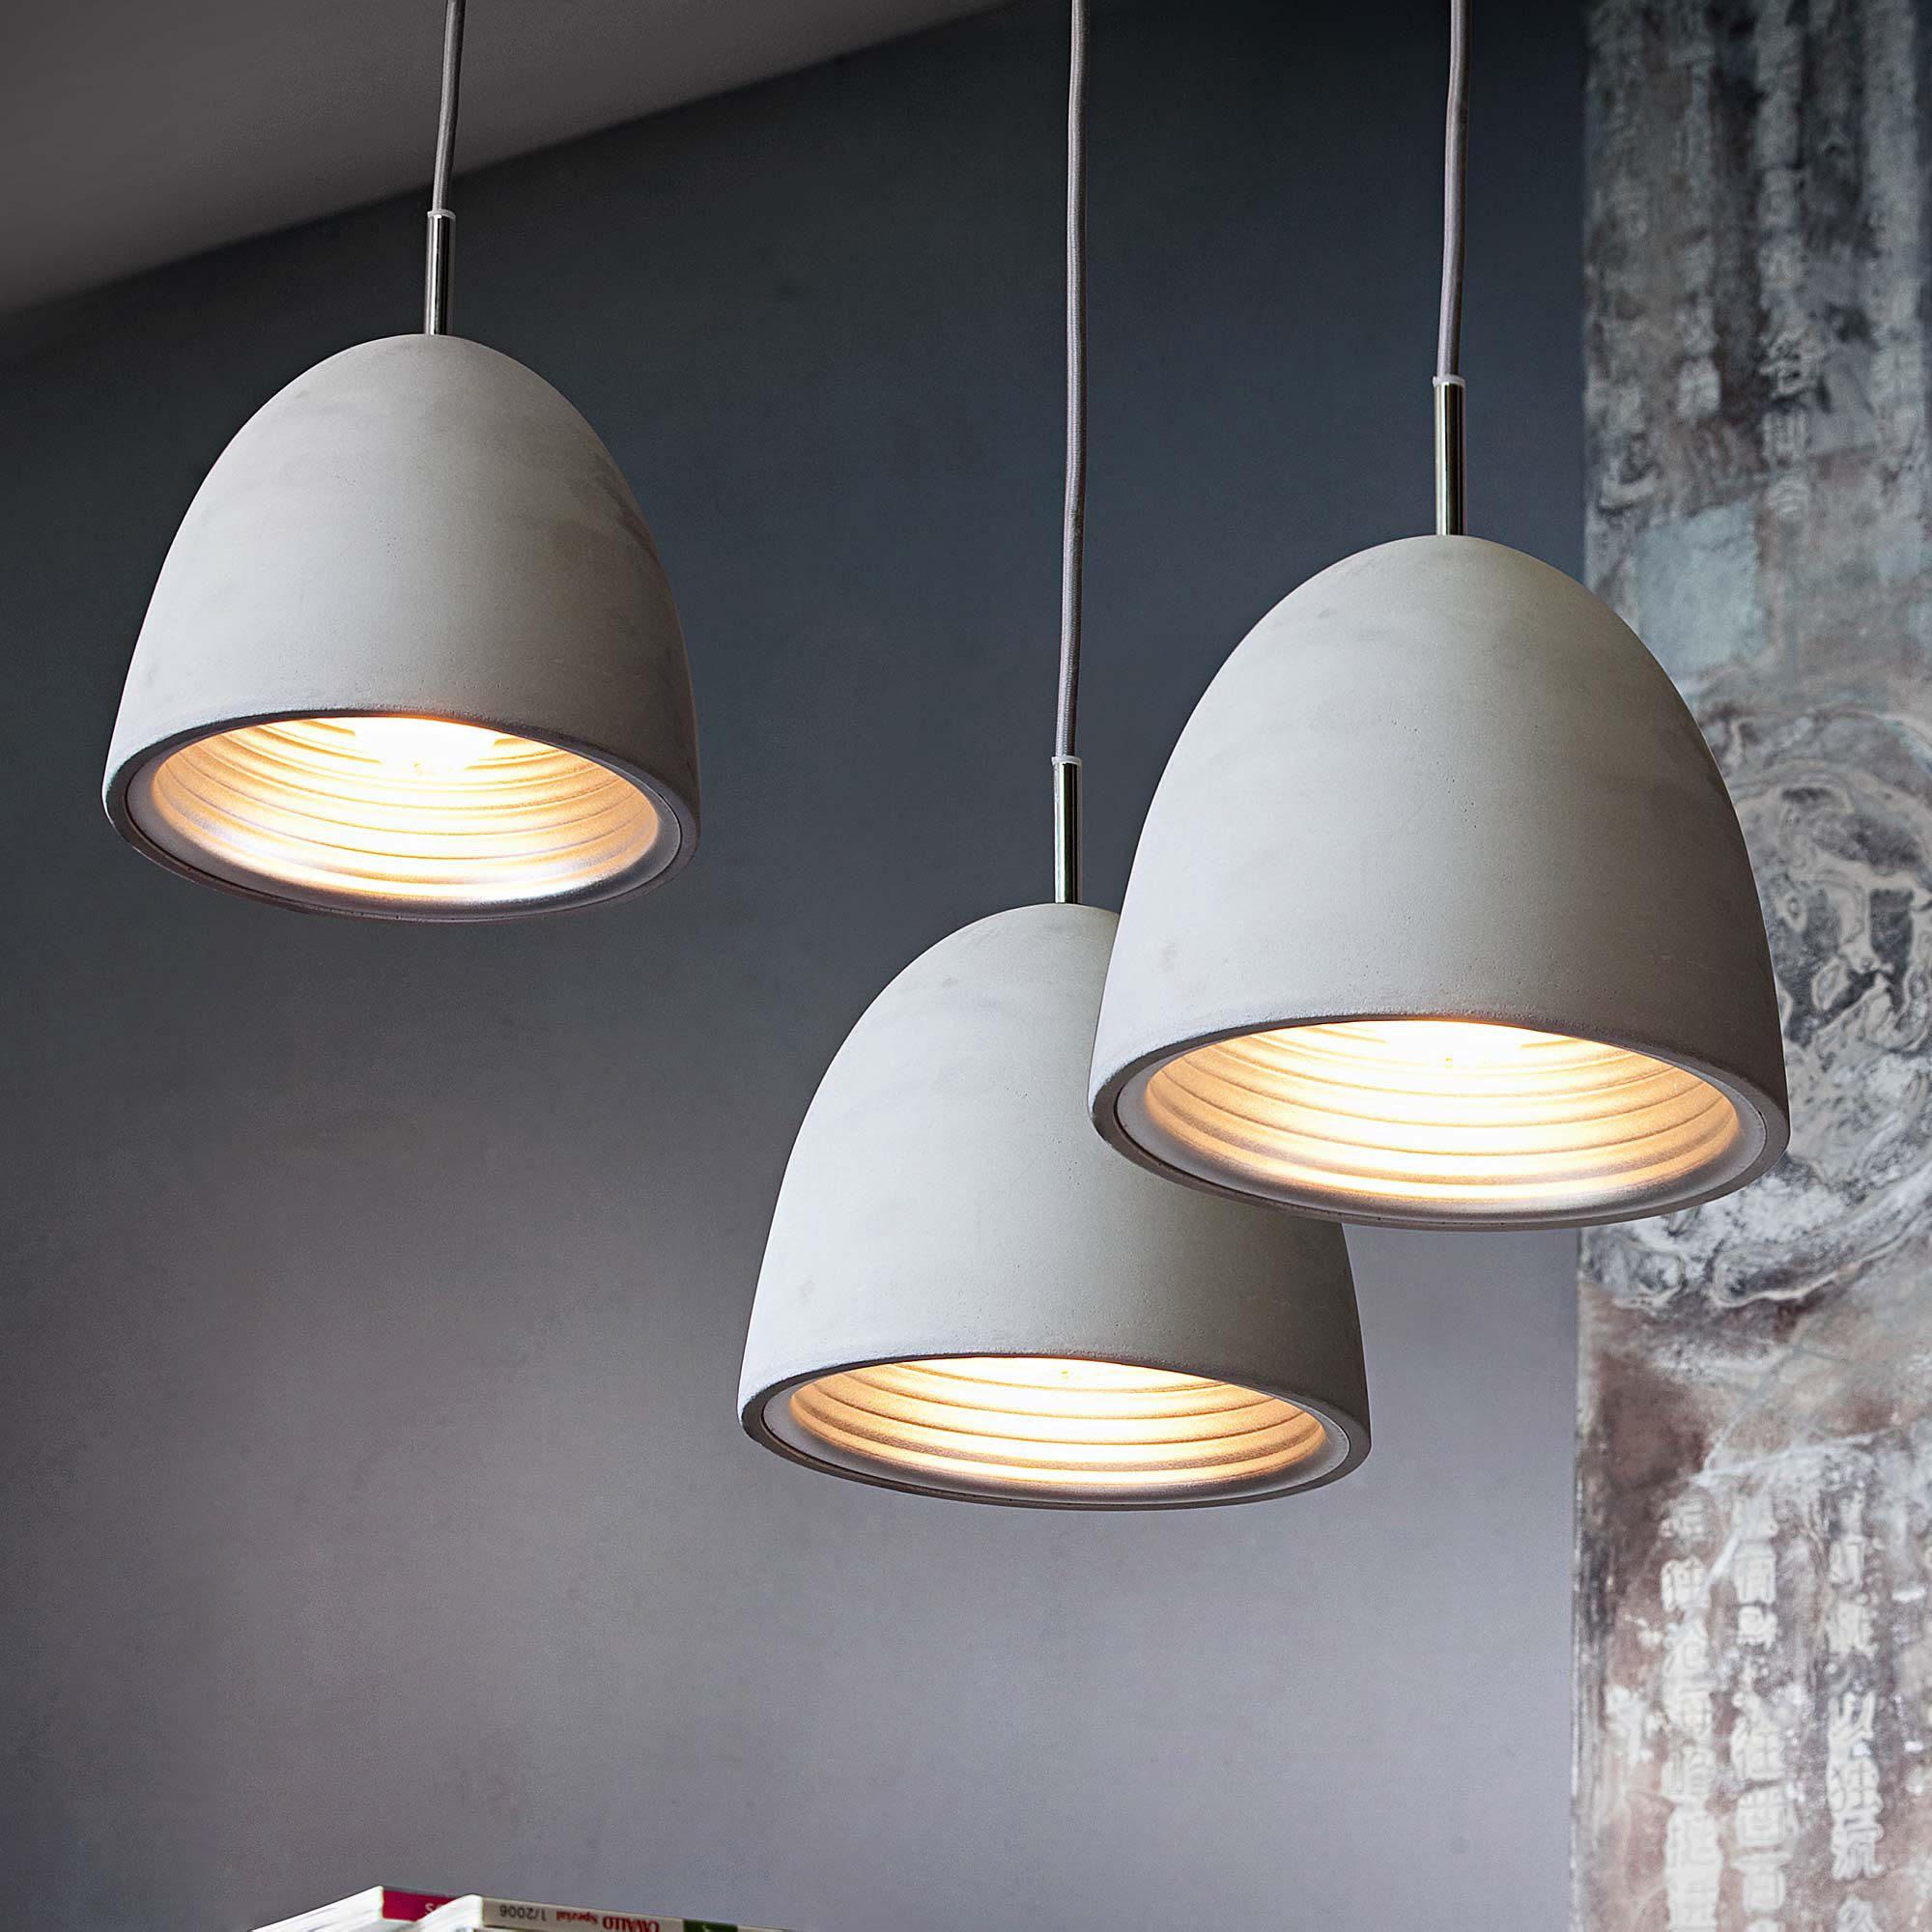 deckenleuchte 3x beton lampe textilkabel gold 19 farben w hlbar deckenschiene 113 cm. Black Bedroom Furniture Sets. Home Design Ideas